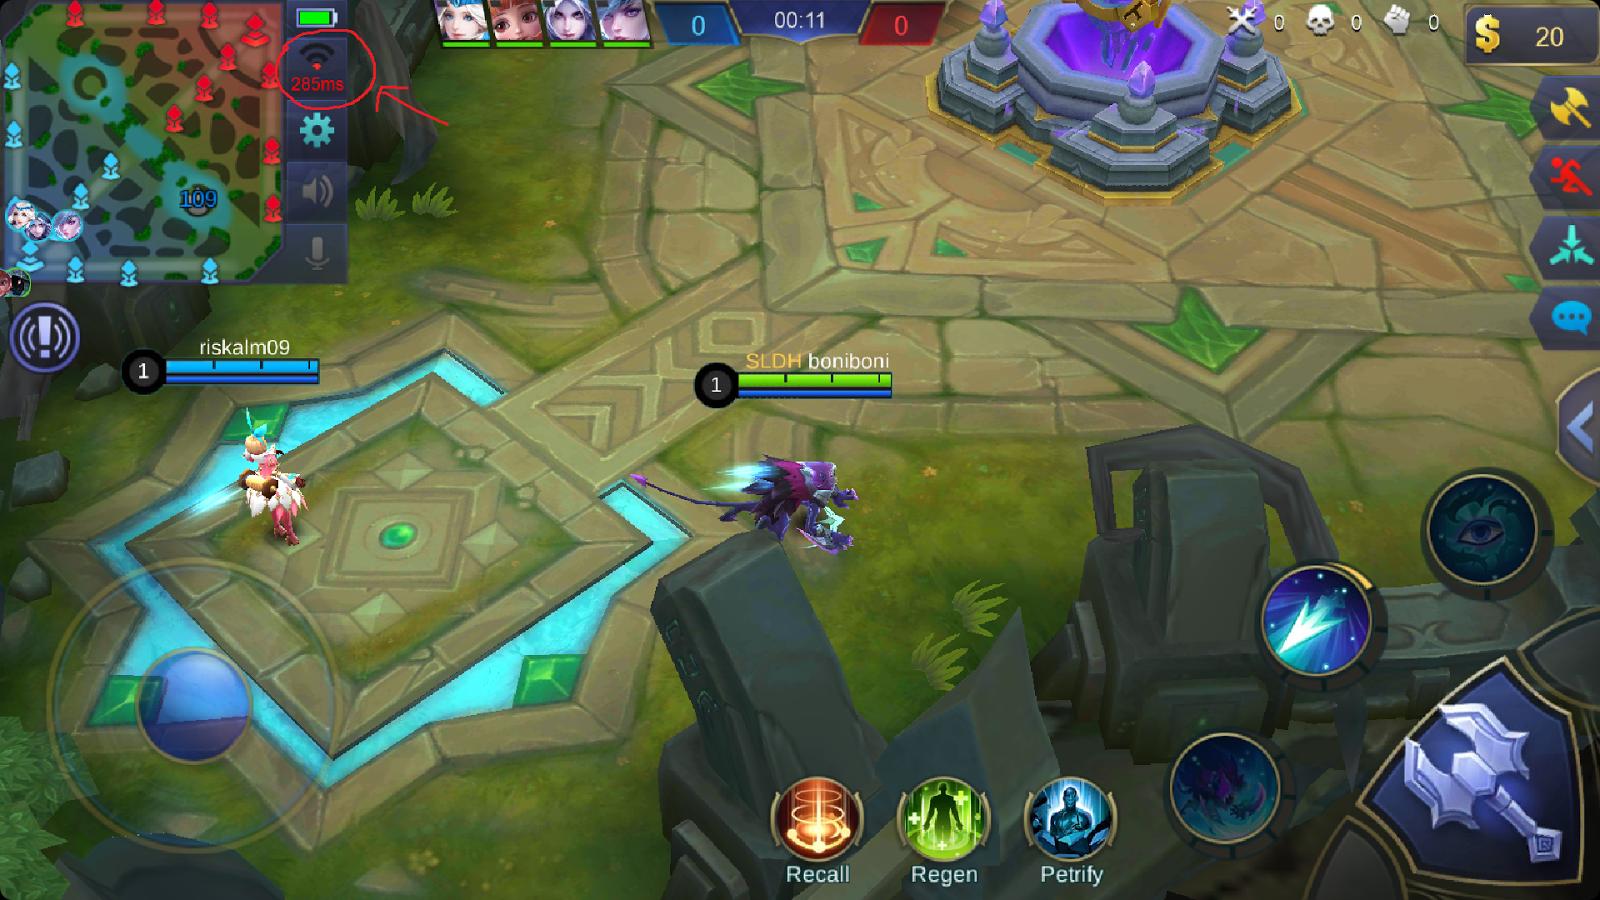 cara agar tidak lag saat bermain mobile legend